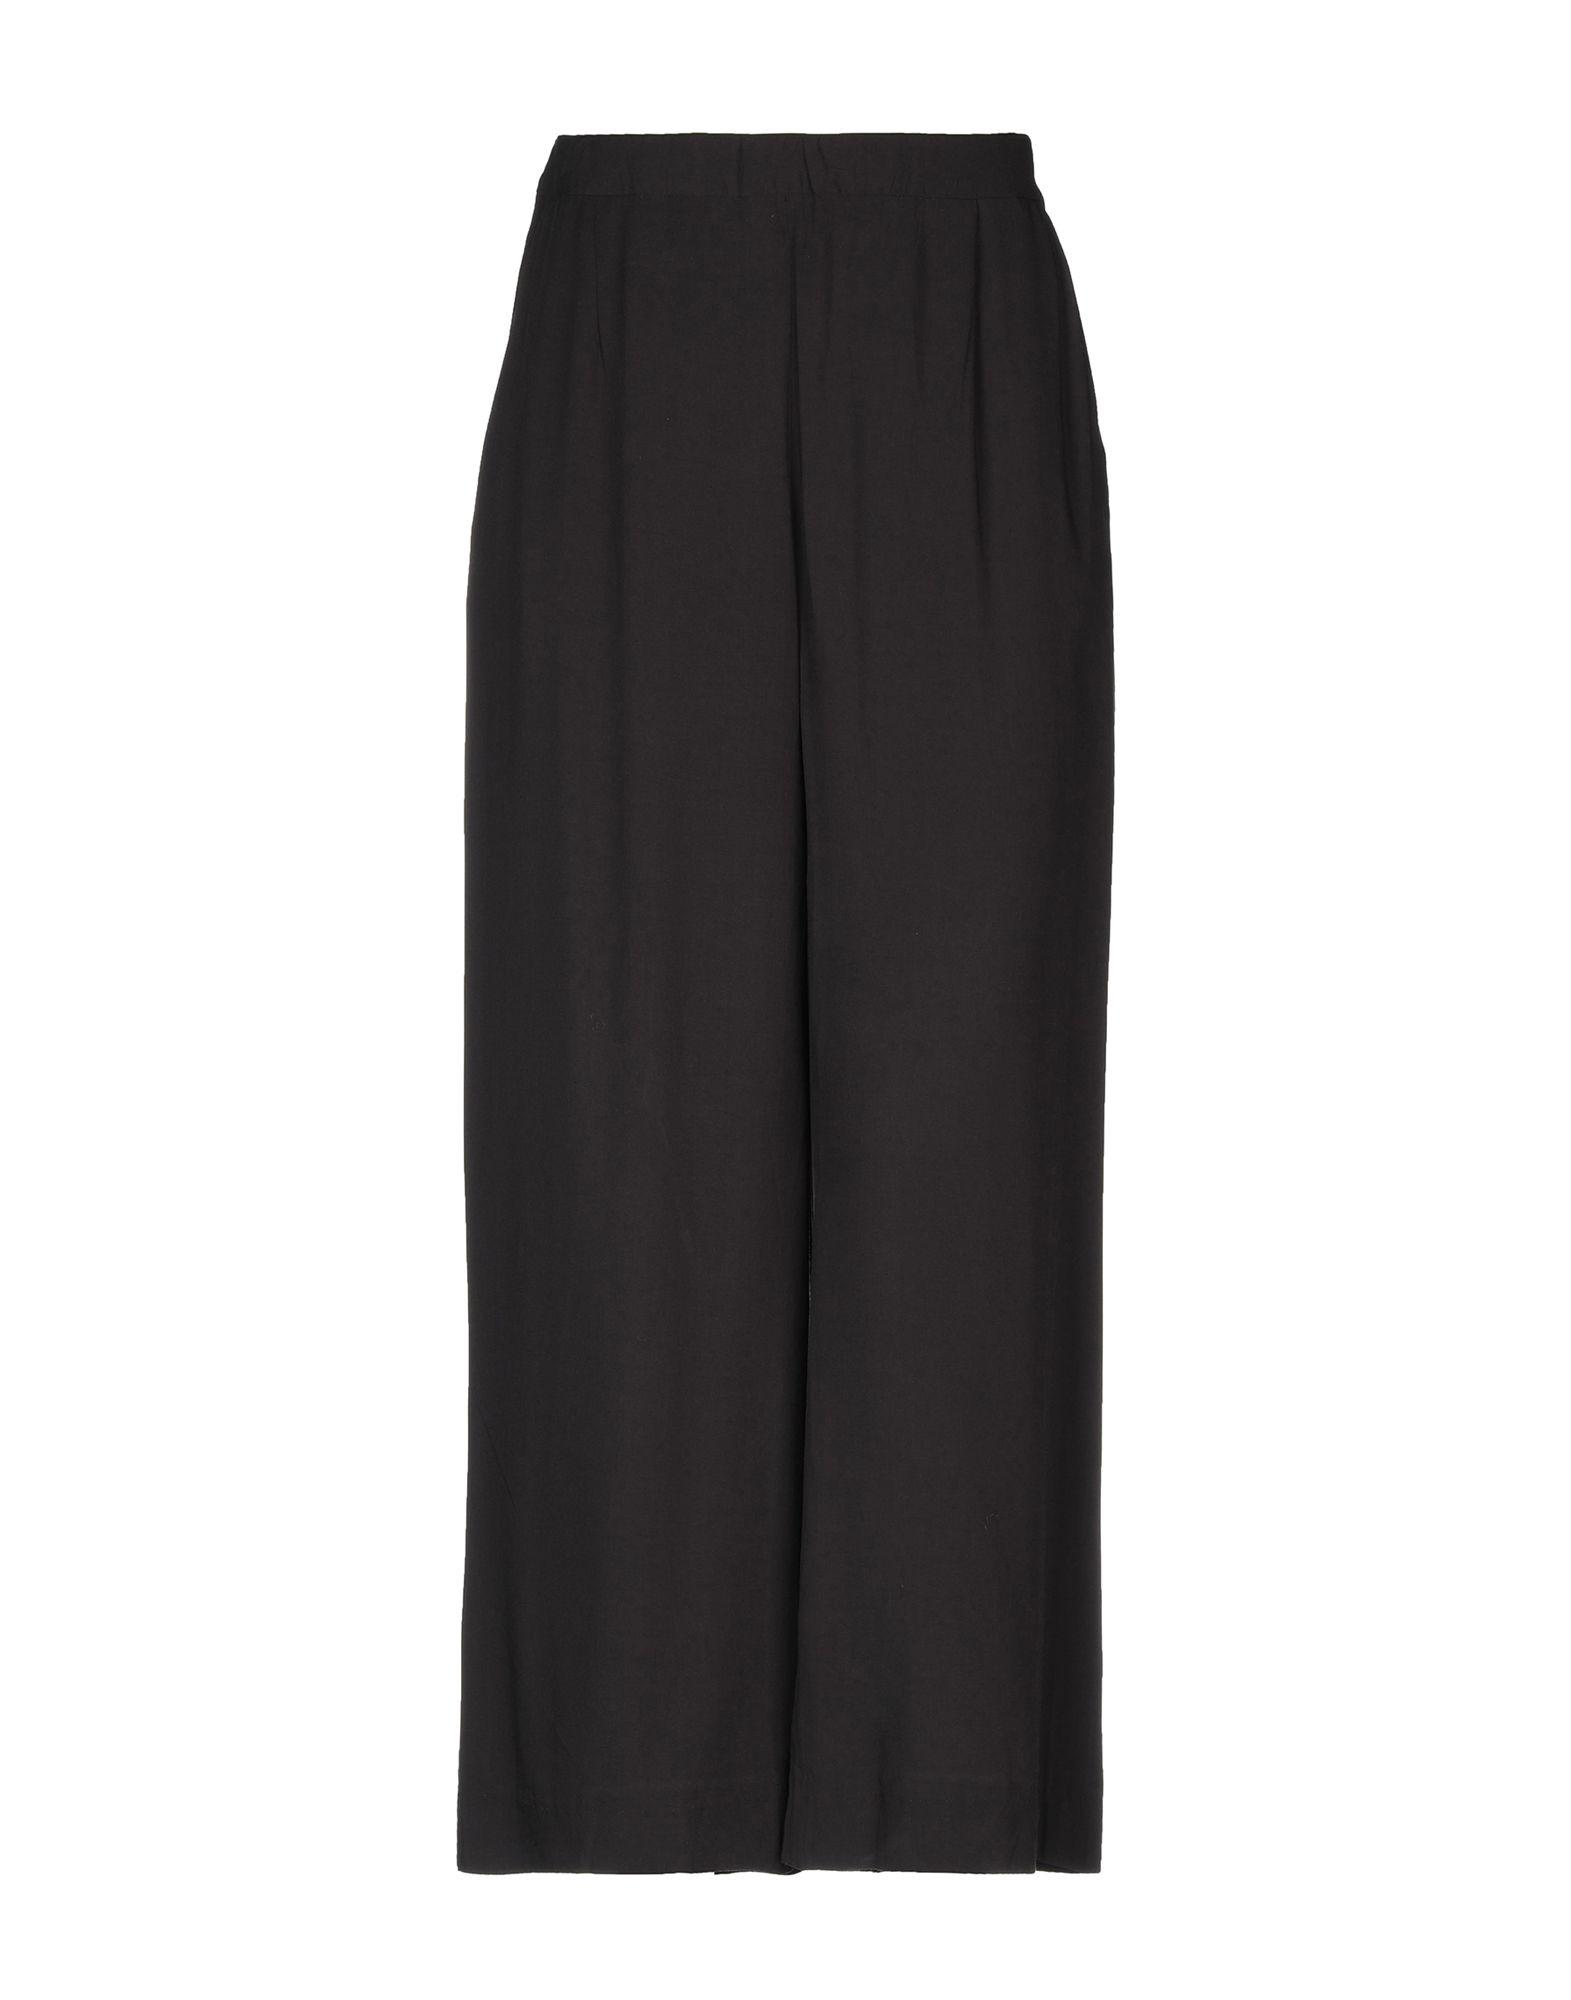 Pantalone Wemoto donna - - 13233308JI  hohe qualität und schnelles verschiffen